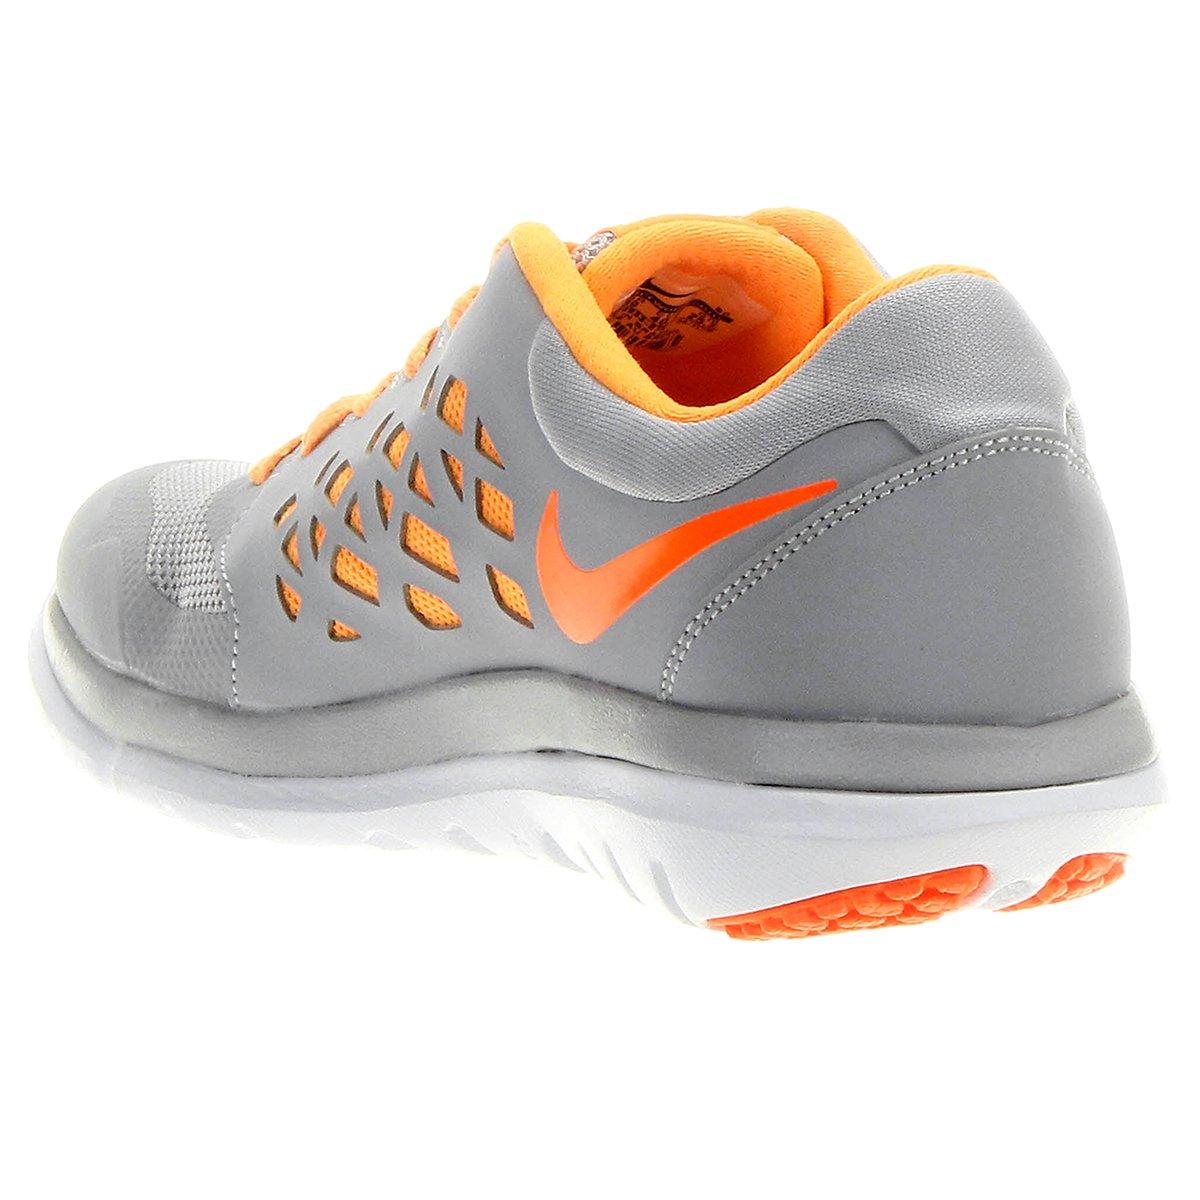 e5120f7843 Tênis Nike Flex 2015 RN MSL - Compre Agora